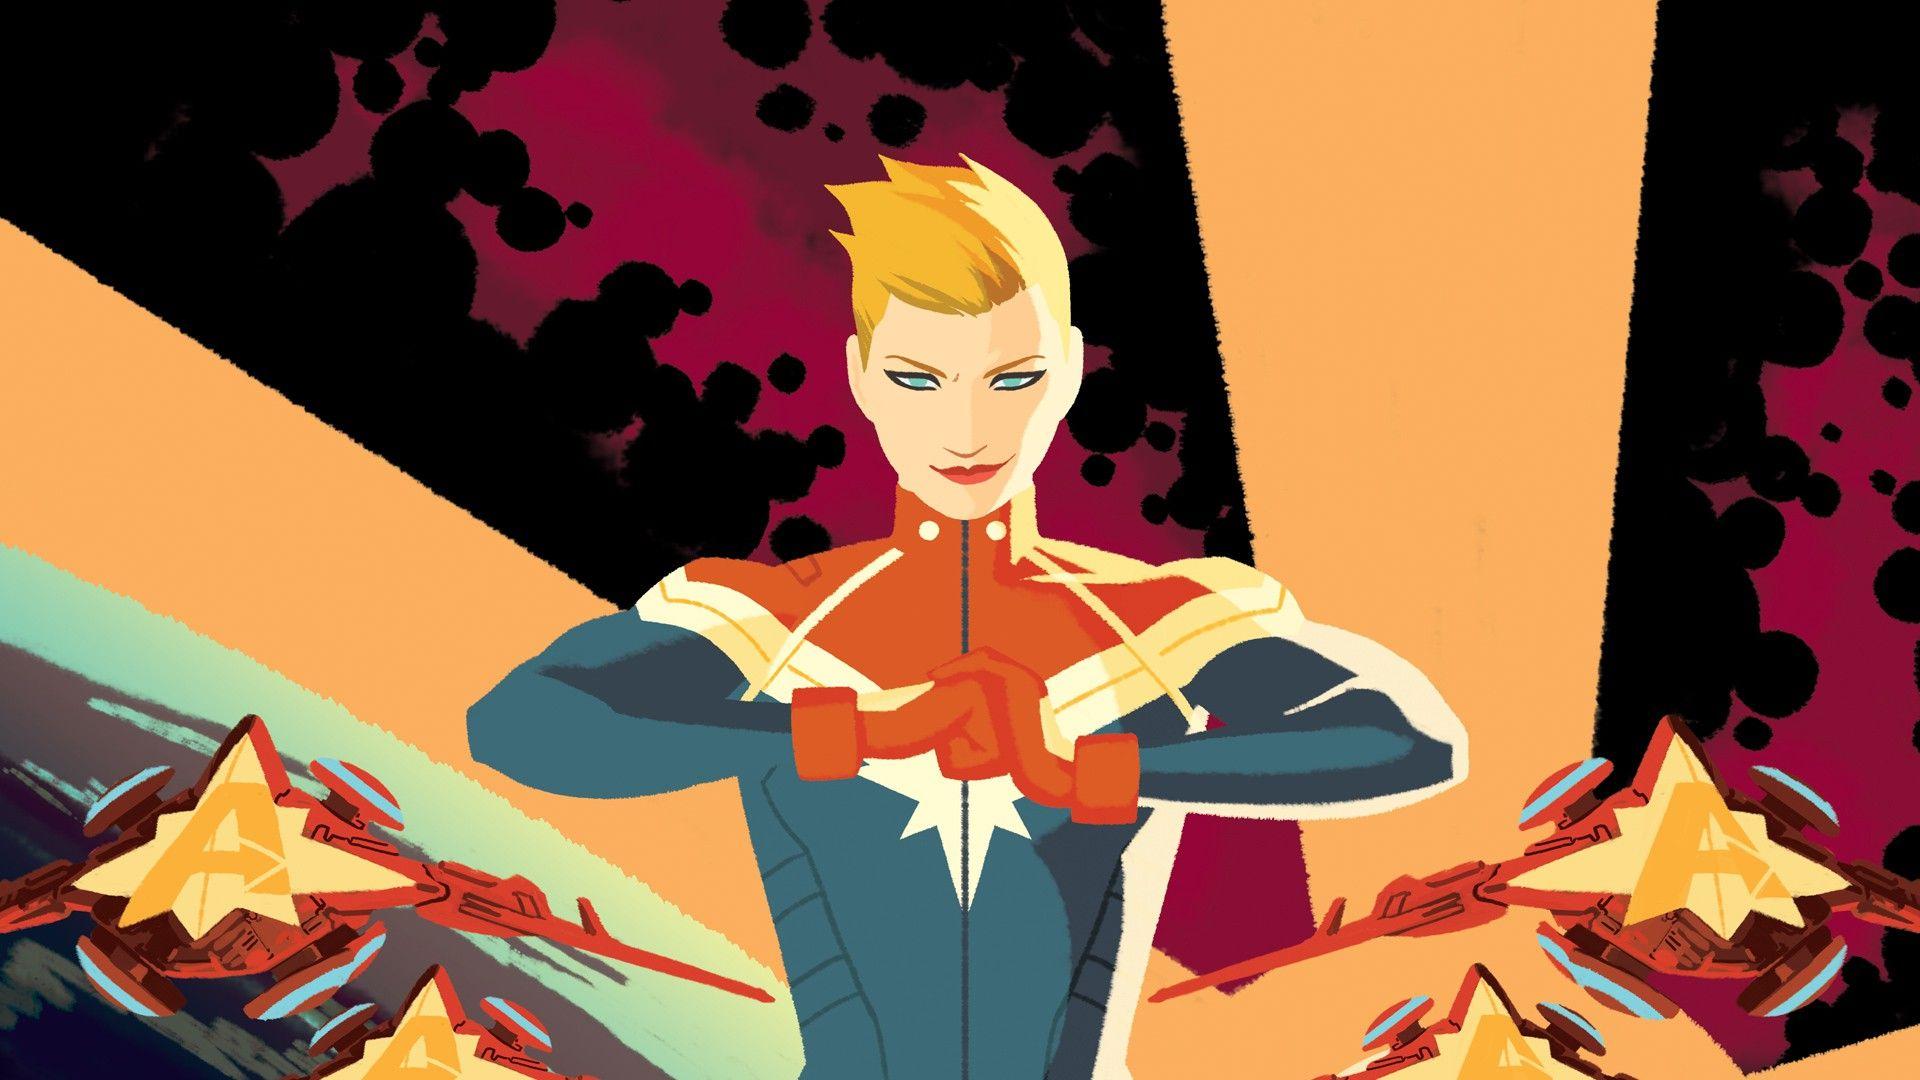 Captain Marvel wallpaper image